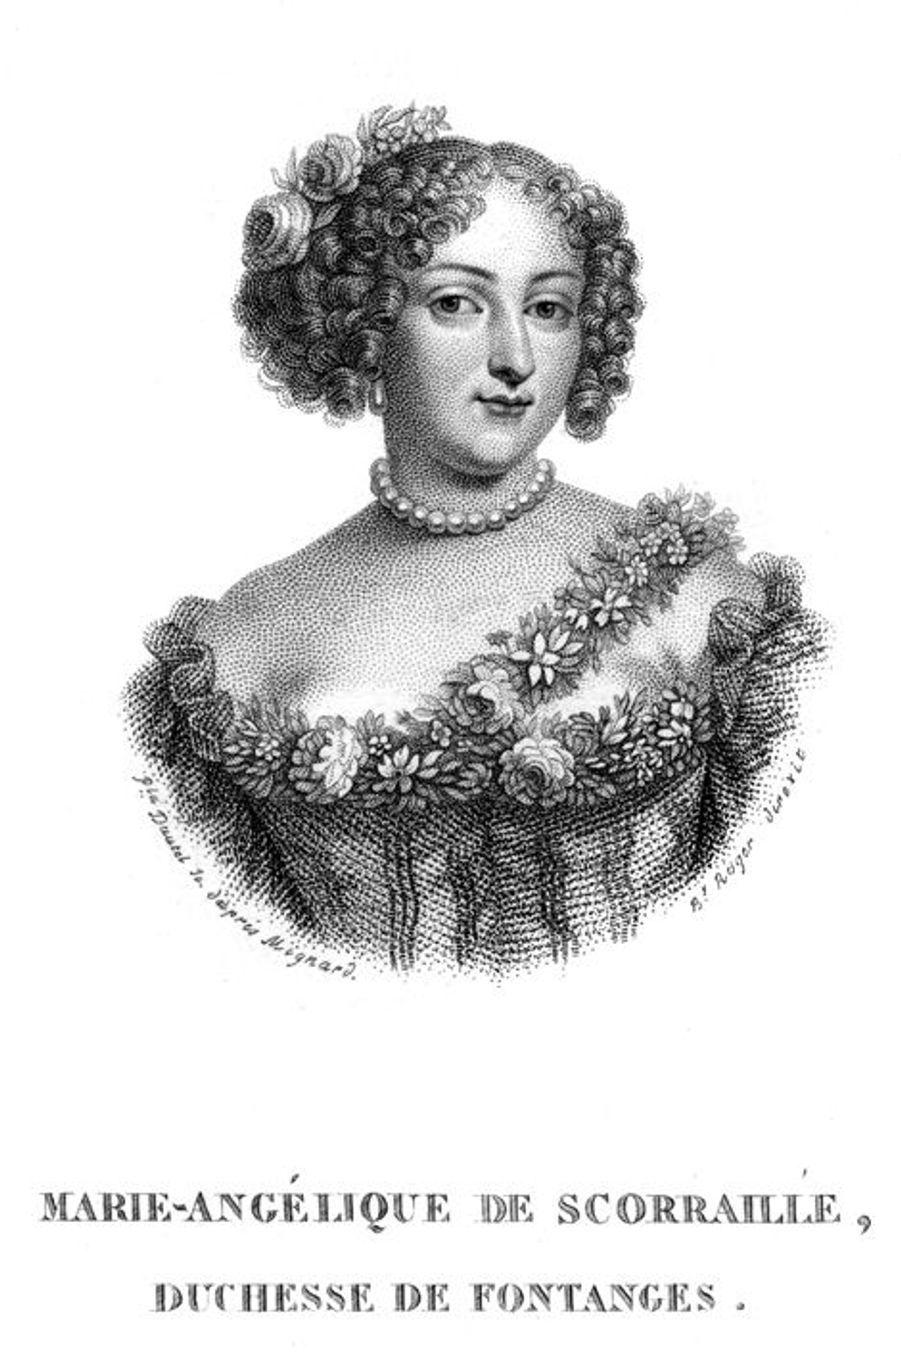 La duchesse de Fontanges (1661-1681), l'une de ses favoritesMarie-Angélique de Scorraille de Roussille, duchesse de Fontanges, née en juillet 1661, n'a que 17 ans quand elle arrive à la cour. Sa grande beauté donne une idée à Madame de Montespan, alors favorite en titre de Louis XIV. Pour détourner le roi de Madame de Maintenon qu'elle considère –à juste titre- comme une sérieuse rivale, Athénaïs met dans les bras du souverain, alors âgé de 40 ans, la toute jeune Marie-Angélique. Seul hic, cela marche trop bien, le roi Soleil tombant fou amoureux de sa nouvelle maîtresse au grand désarroi de l'instigatrice de leur rapprochement. Leur idylle ne sera cependant que de courte durée, le roi s'étant lassé dit-on de la demoiselle, en raison de son manque d'esprit.Retirée à l'abbaye de Chelles, la duchesse de Fontanges y meurt le 28 juin 1681, juste avant son 20e anniversaire.